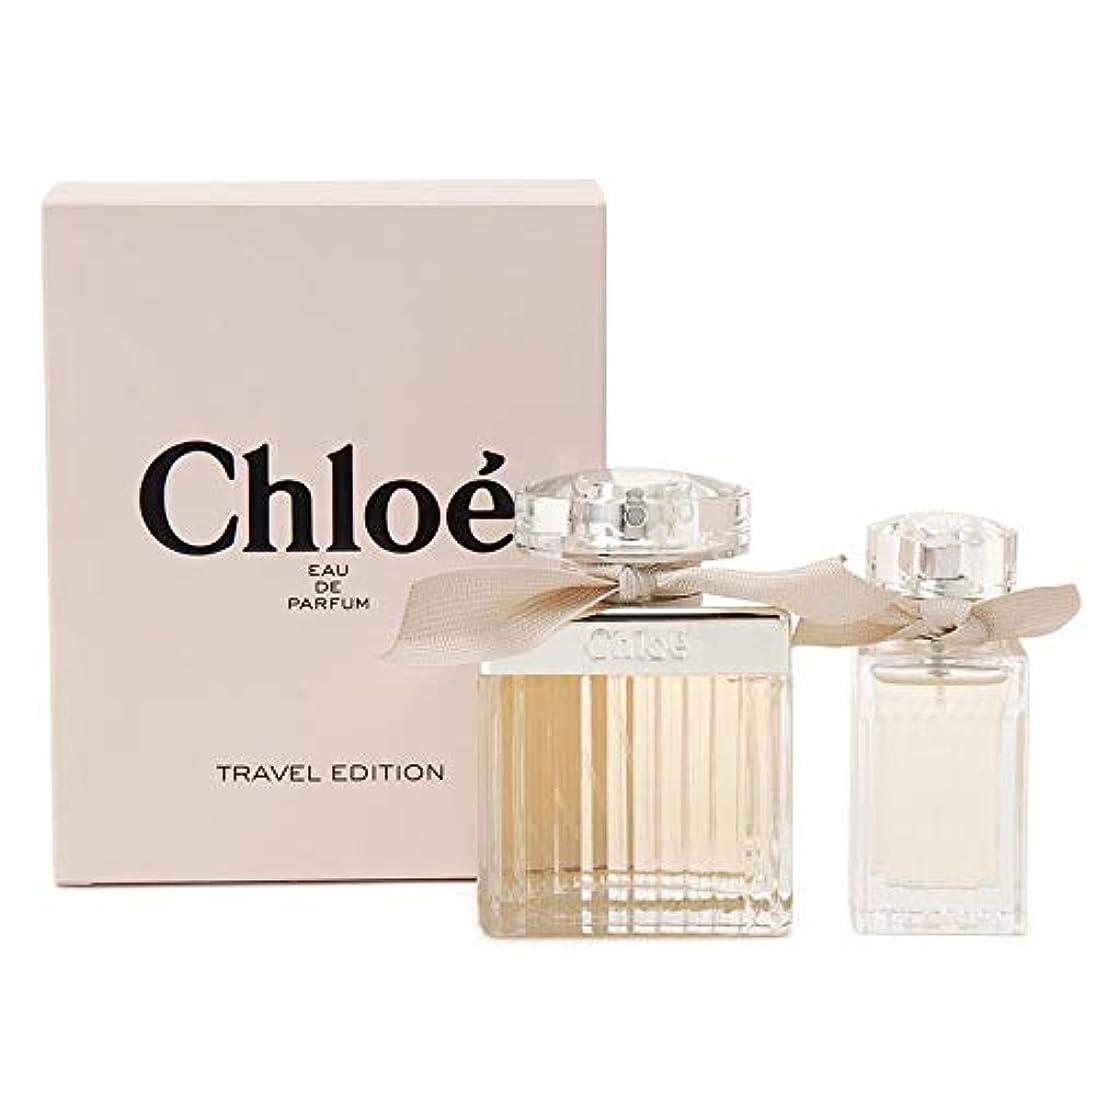 外交必需品アボートクロエ chloe オードパルファム 香水セット 20ml 75ml 2P 香水 レディース 女性用 フレグランス [並行輸入品]